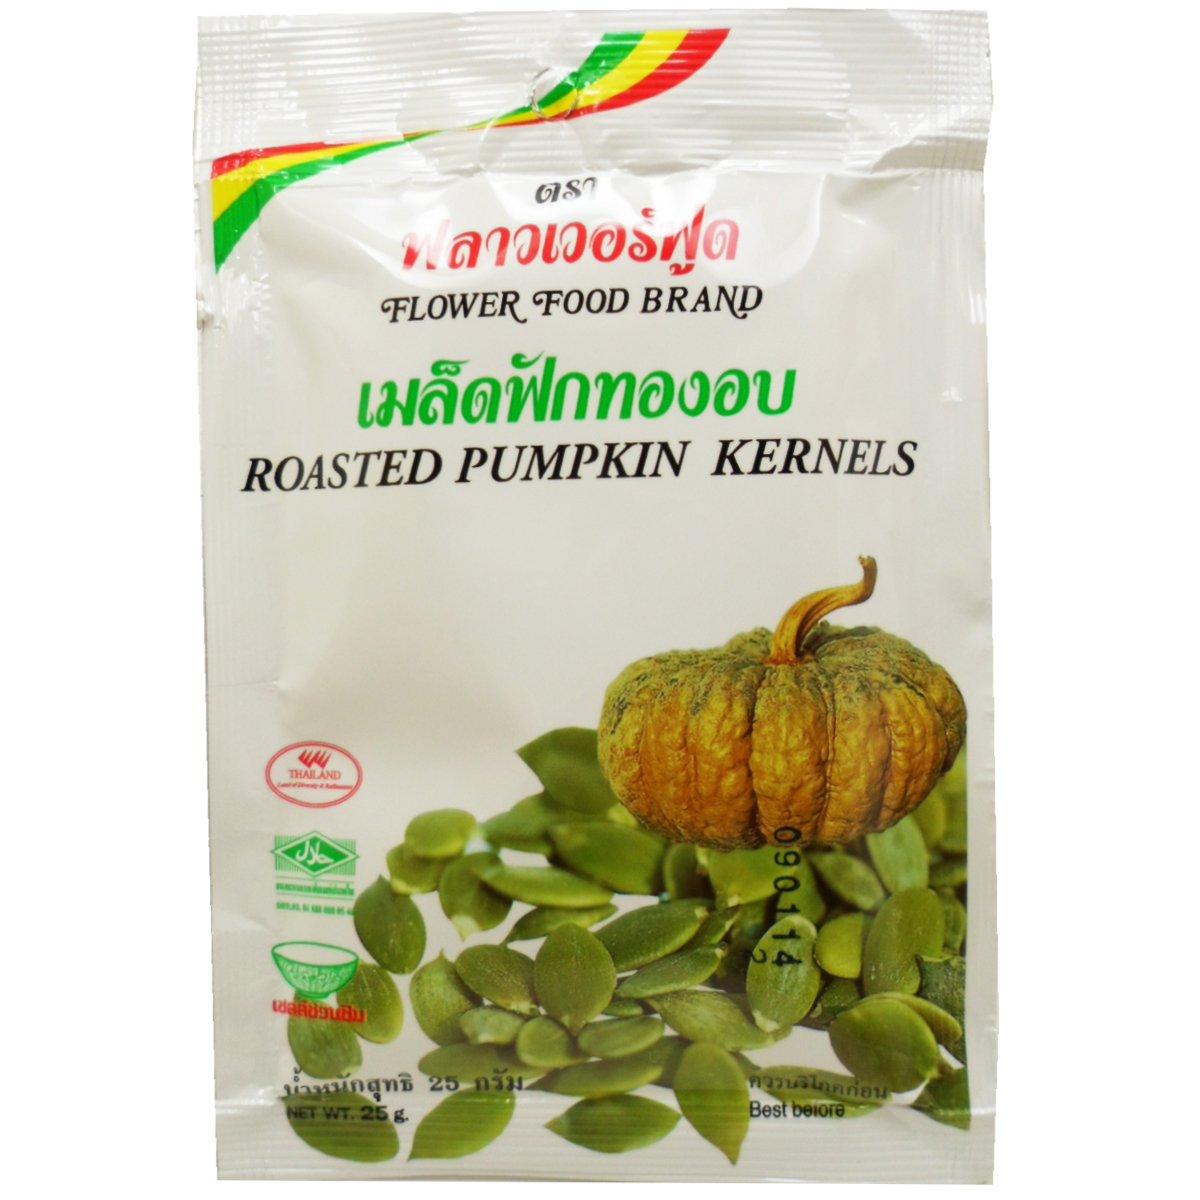 Roasted Pumpkin Kernels Snack Net Wt 25 G (0.88 Oz) X 3 Bags Organic Herbal Food